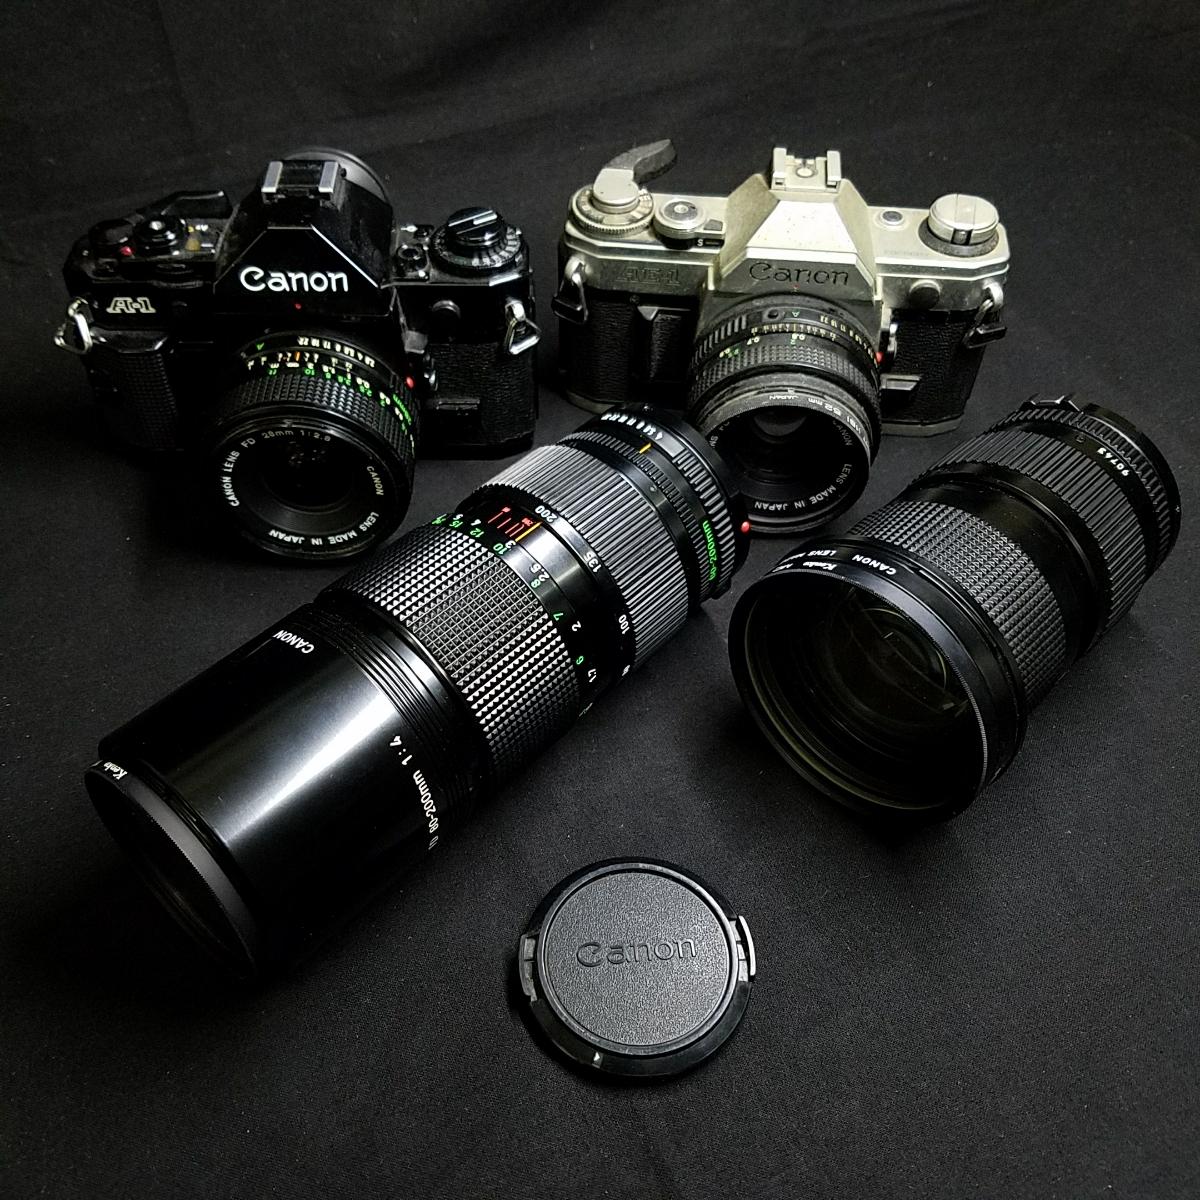 カメラ 光学機器 一眼レフ アンティークカメラ フィルムカメラ プロ仕様 キャノン CANON A-1 AE-1 レンズ 望遠  s-0005